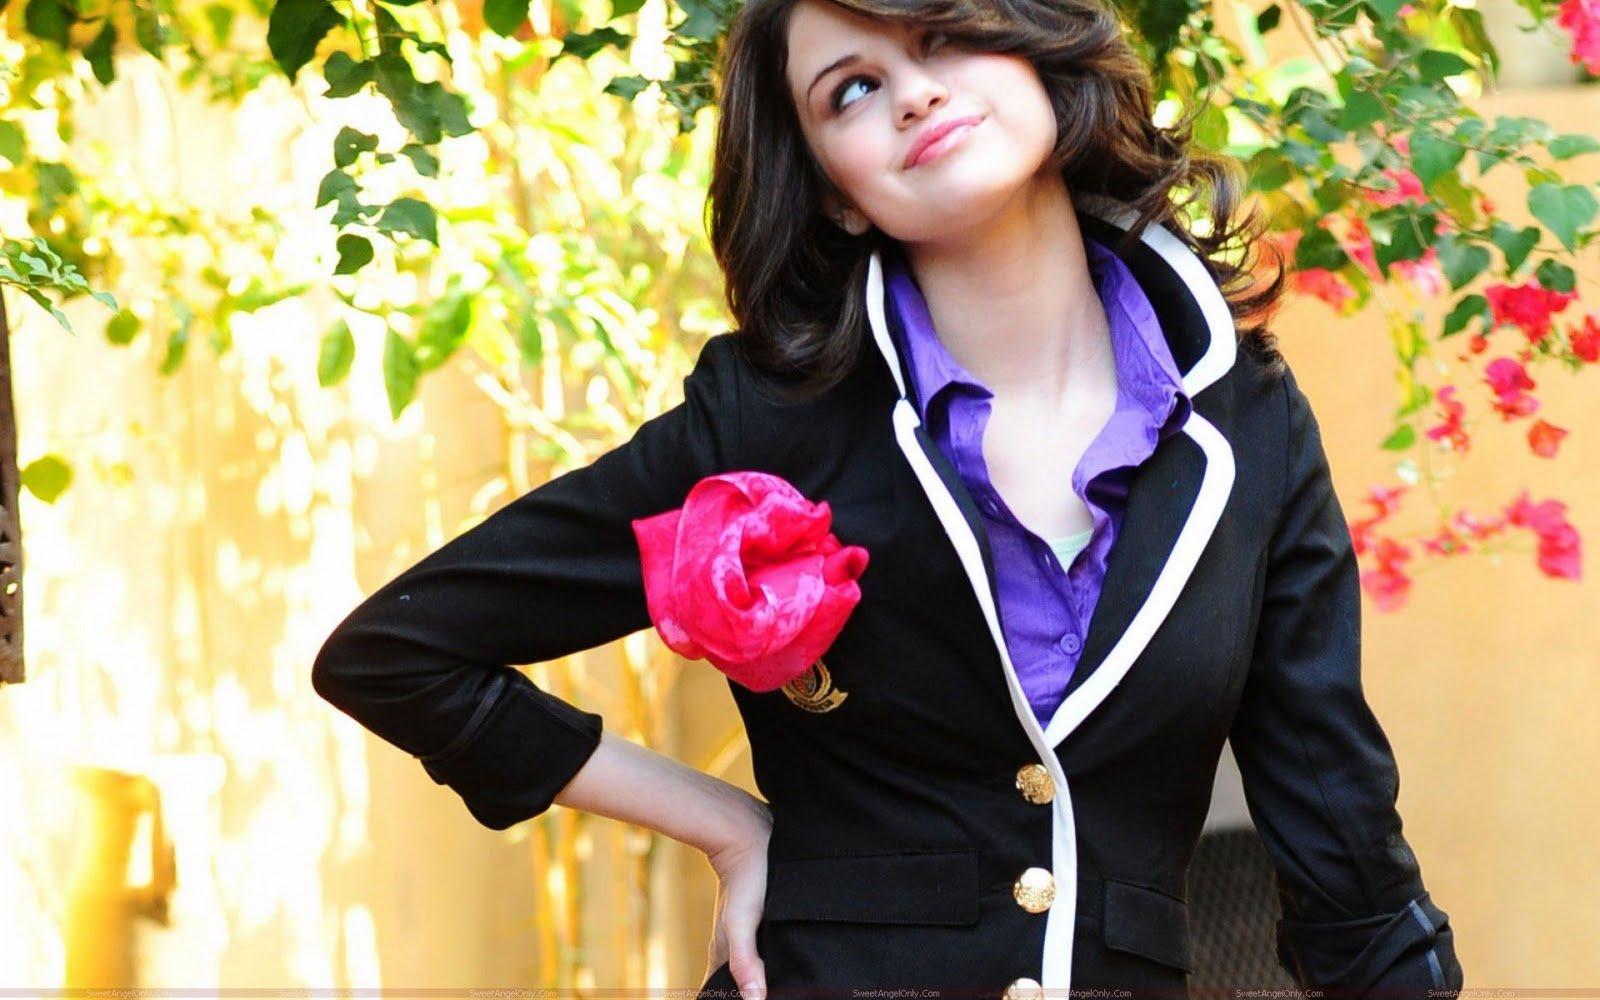 http://2.bp.blogspot.com/-fguZQzL-ibs/TfoXTC2JceI/AAAAAAAAFrE/bMgzxelT4KU/s1600/teen_selena_gomez_with_rose.jpg